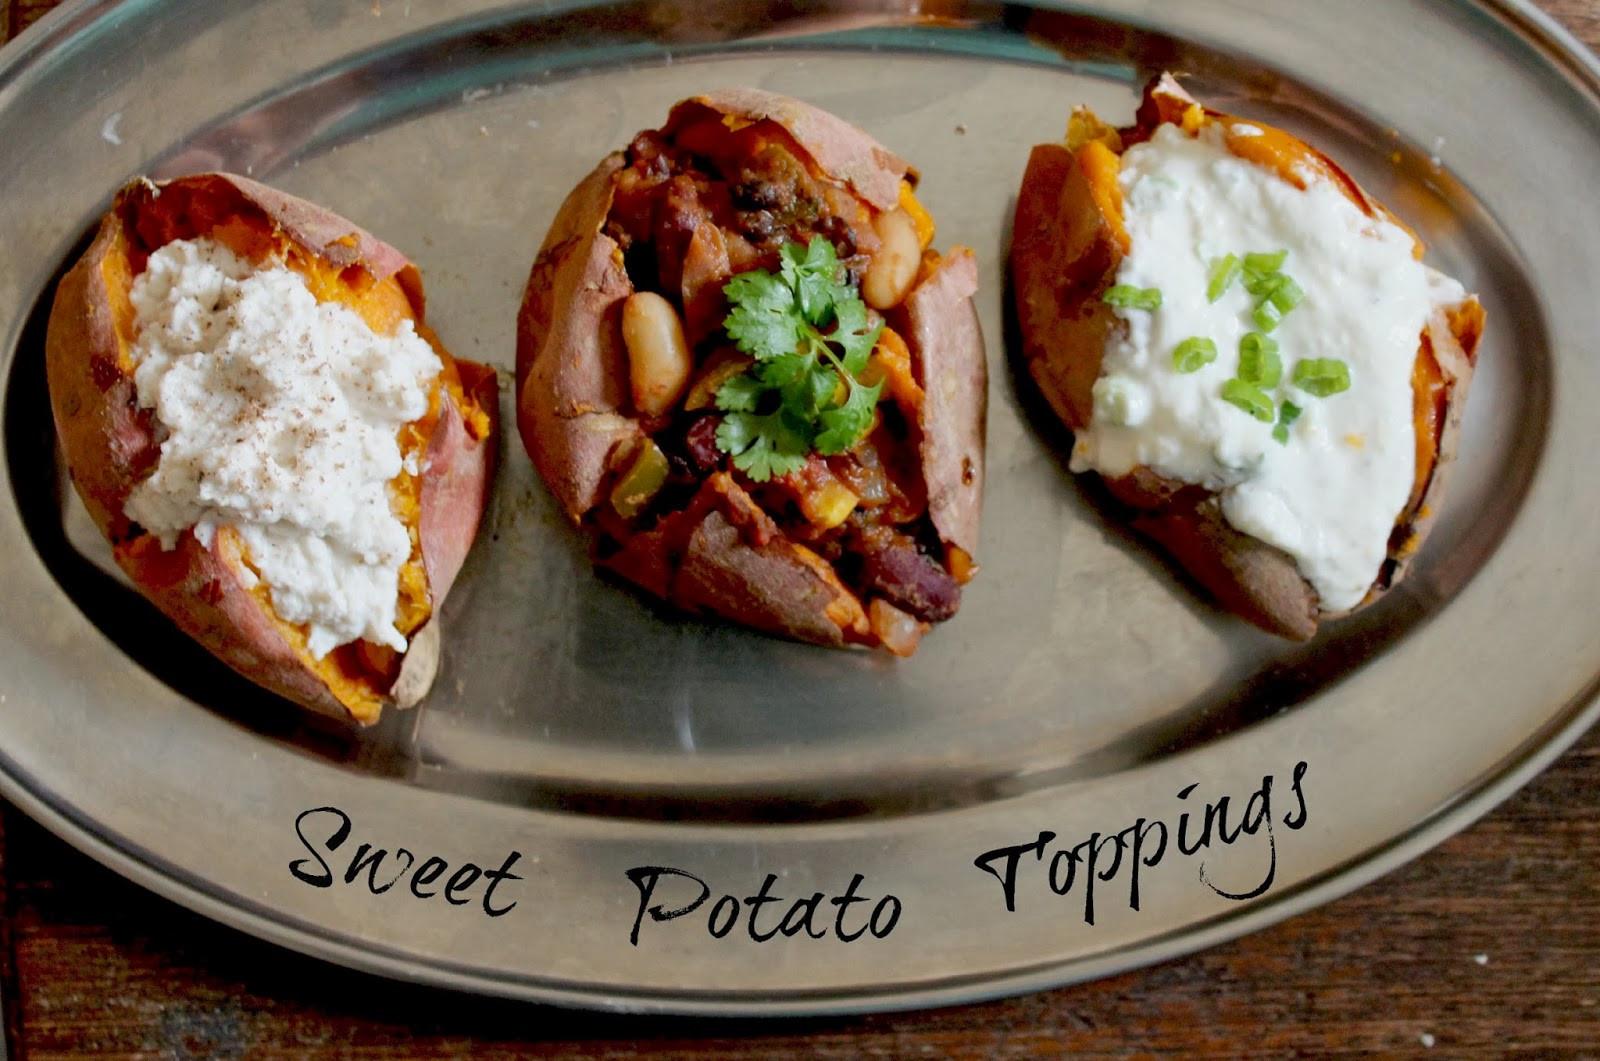 Sweet Potato Toppings  Baked Sweet Potato Toppings Honey Go Lightly